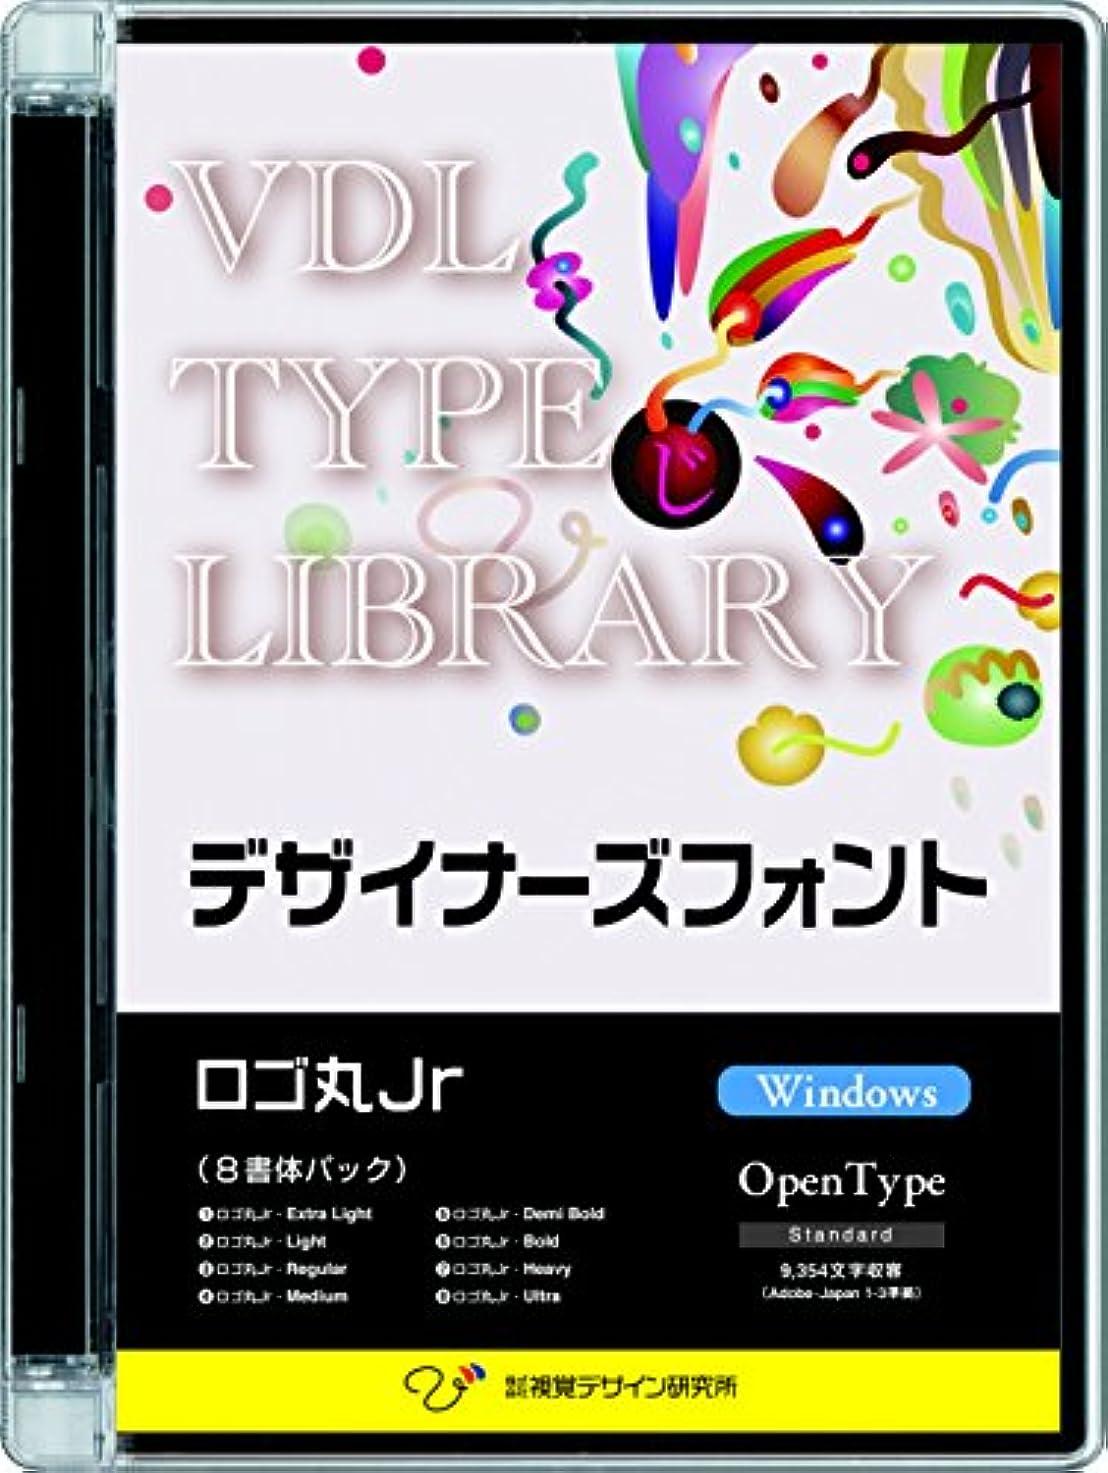 かなりの天のトークンVDL TYPE LIBRARY デザイナーズフォント OpenType (Standard) Windows ロゴ丸Jr ファミリーパック